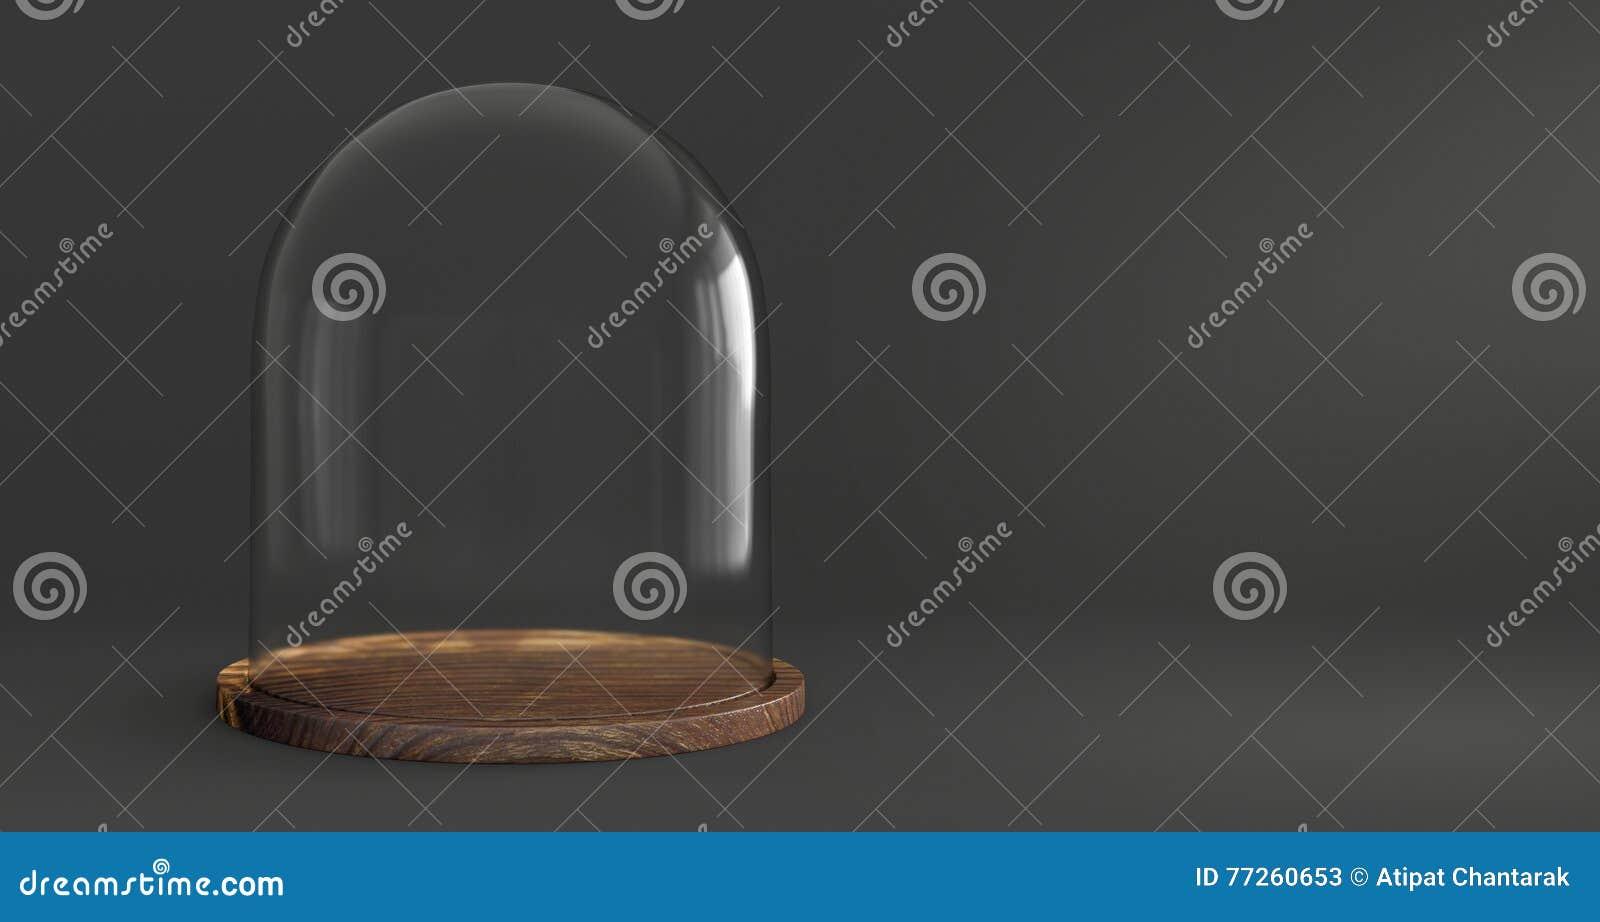 Vassoi In Legno Con Vetro : Cupola di vetro con il vassoio di legno su fondo scuro immagine